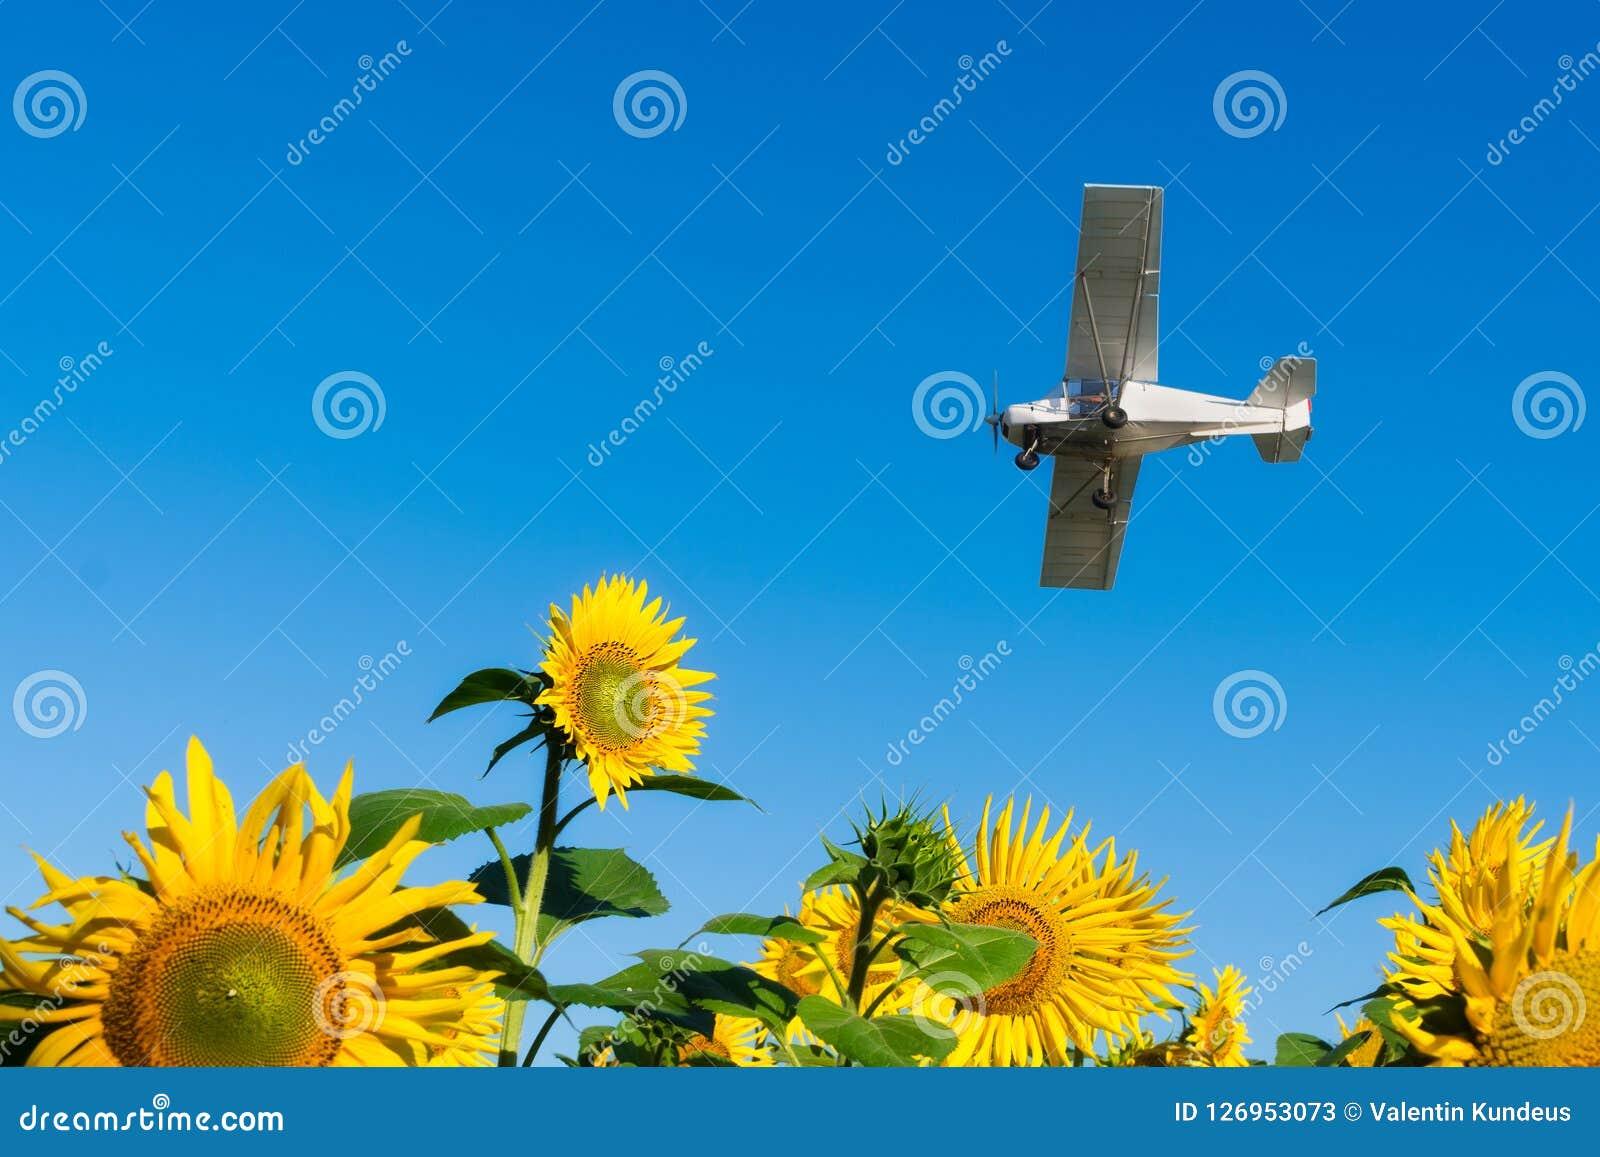 Samolot lata nad polem słoneczniki Nawozić rośliny Opryskiwanie pestycydy od powietrza Agrarny biznes